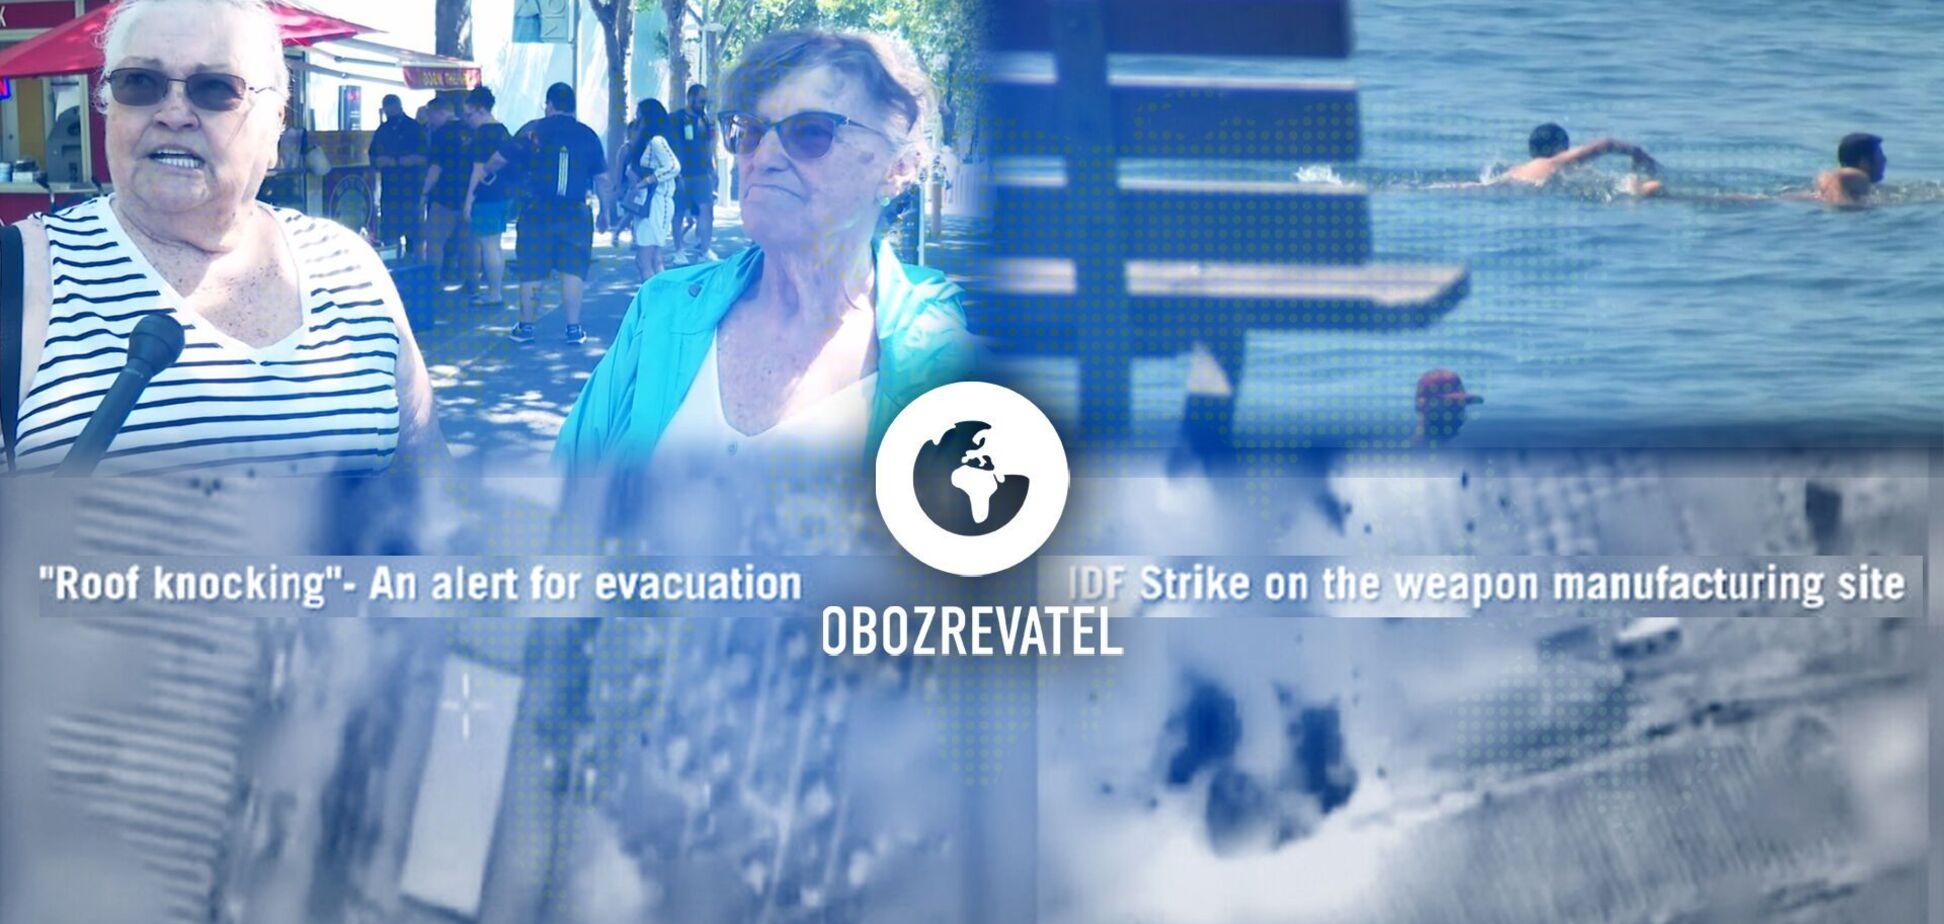 В Канаде и США – убийственная жара, а самолеты Израиля атаковали военный завод в секторе Газа – дайджест международных событий